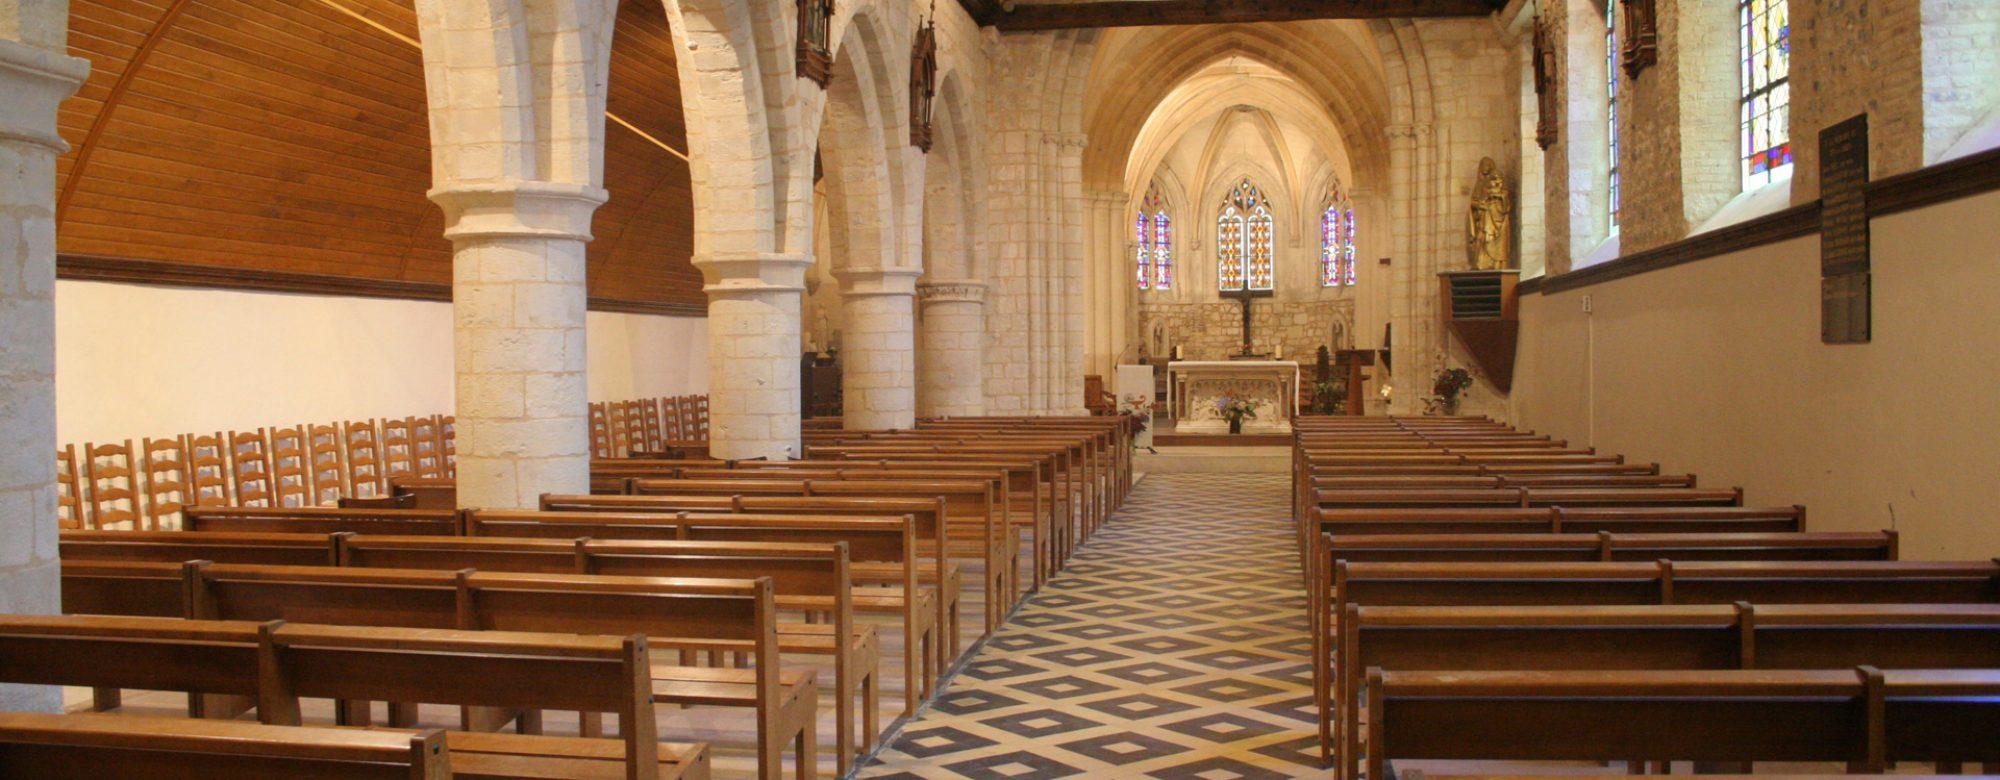 Intérieur de l'église Saint-Martin d'Octeville-sur-Mer